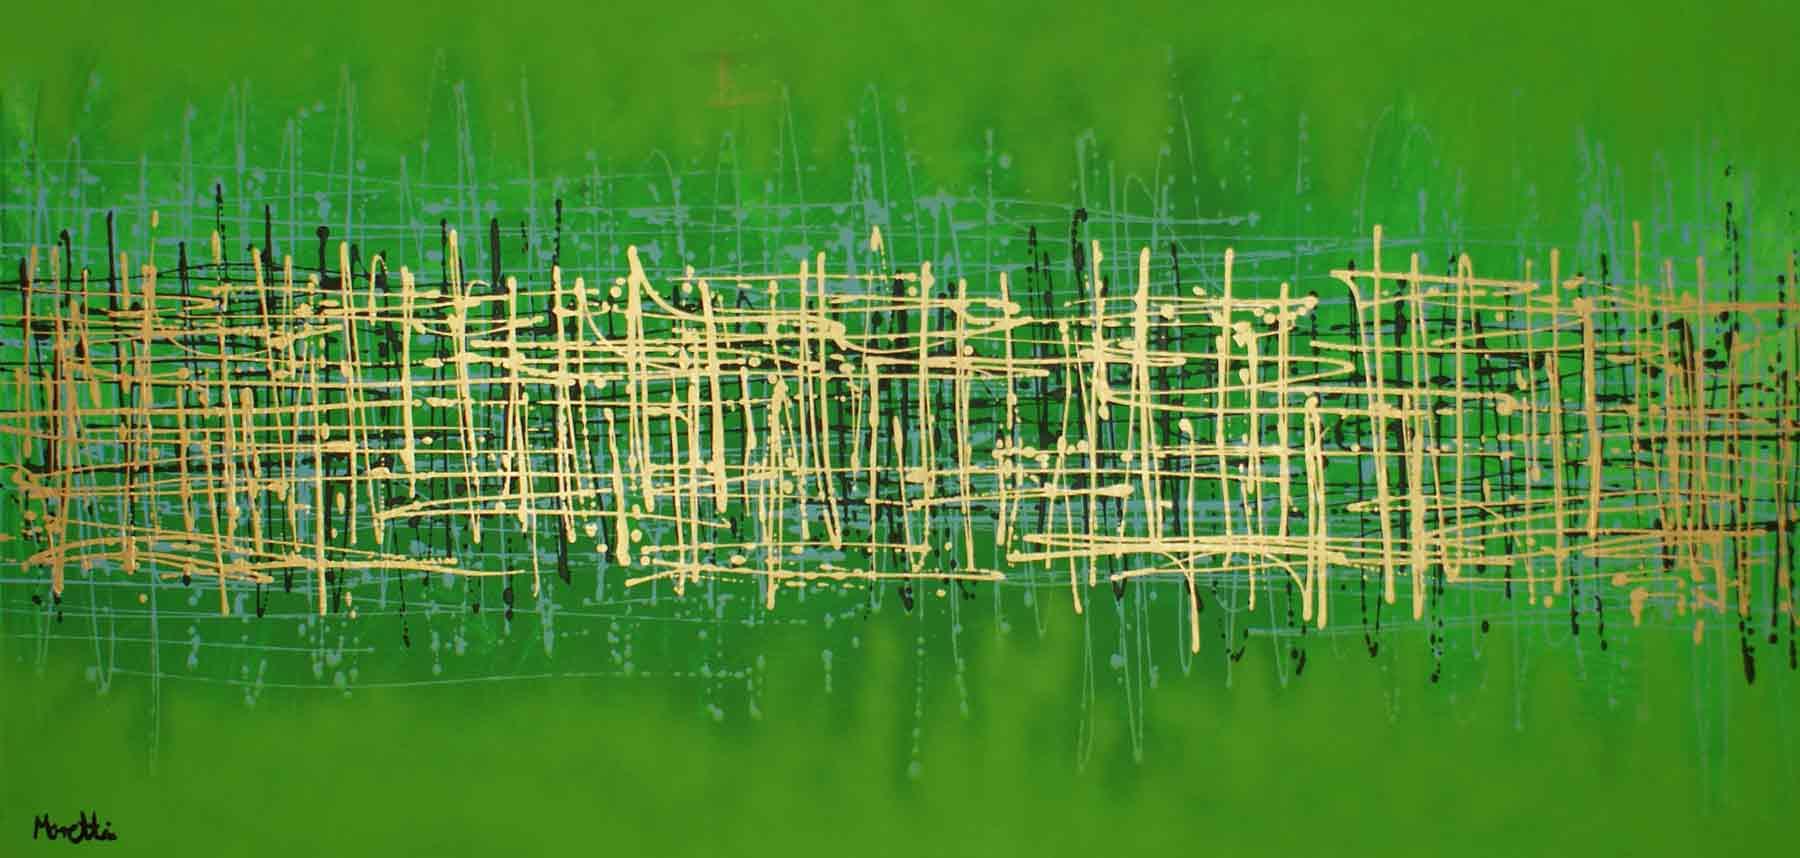 Grün Bild